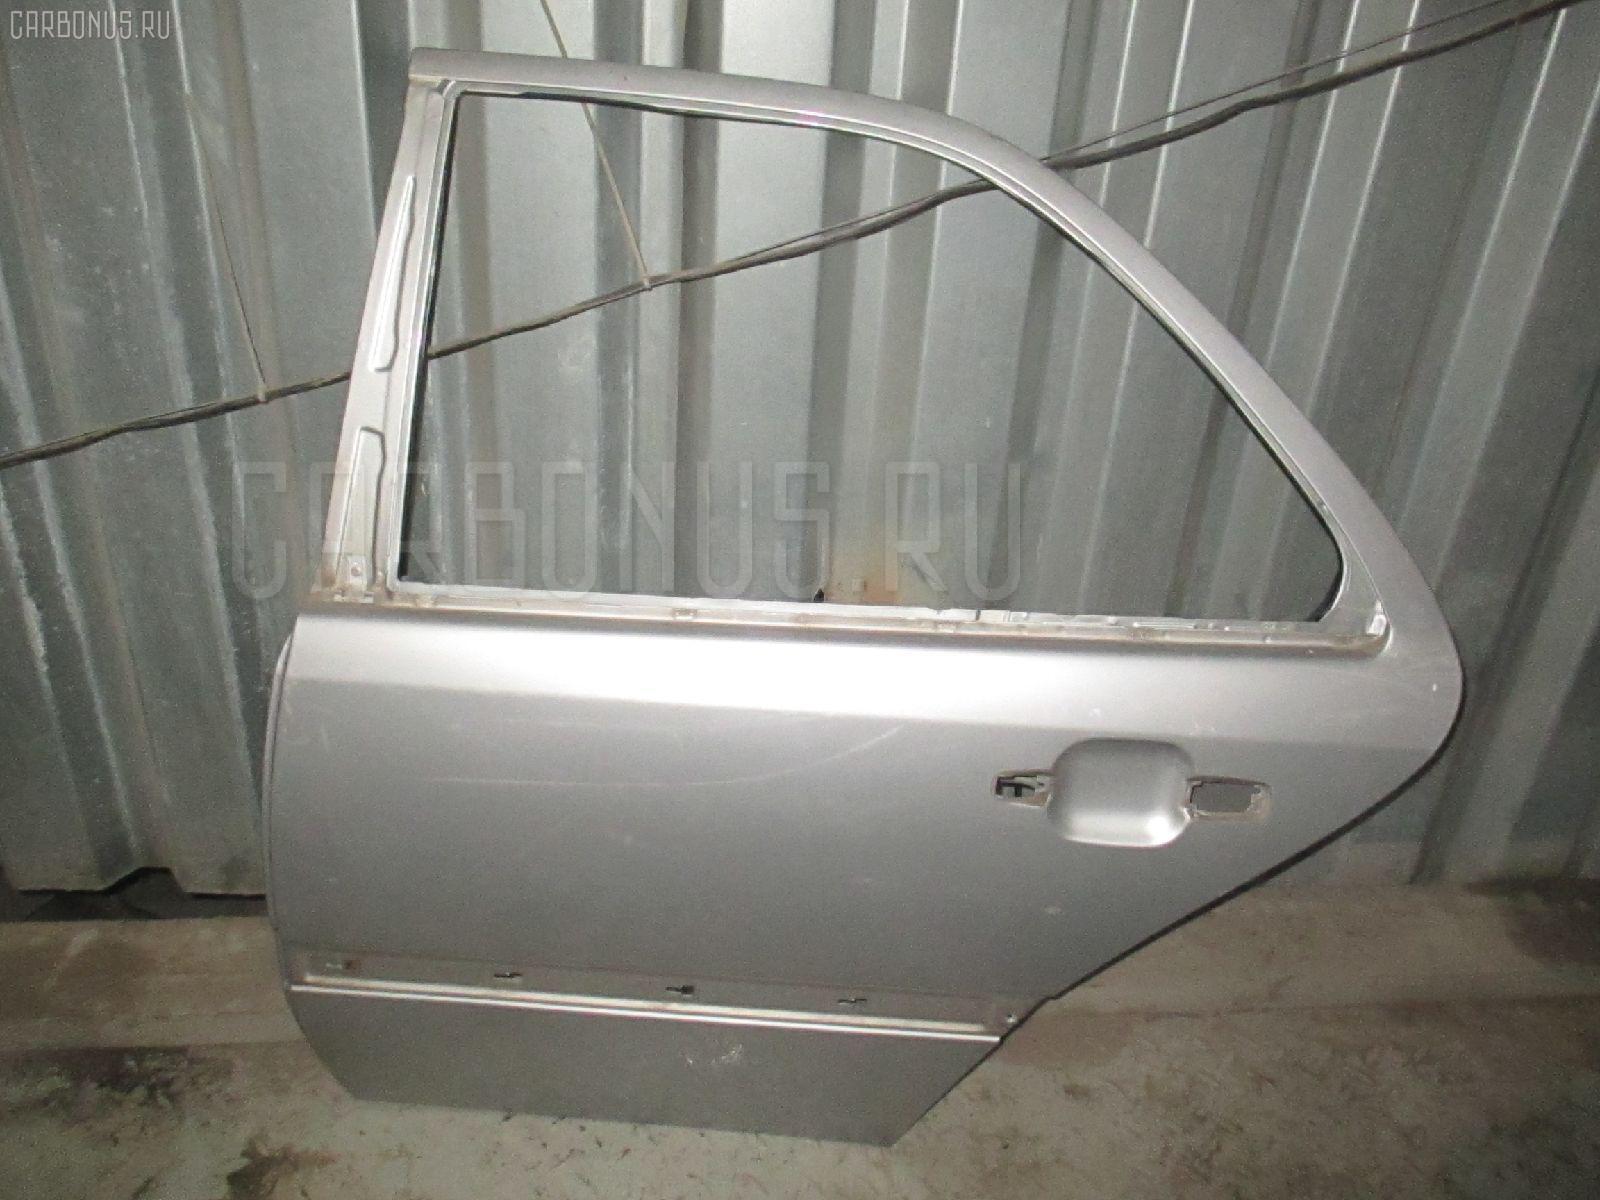 Дверь боковая MERCEDES-BENZ C-CLASS W202.026. Фото 1